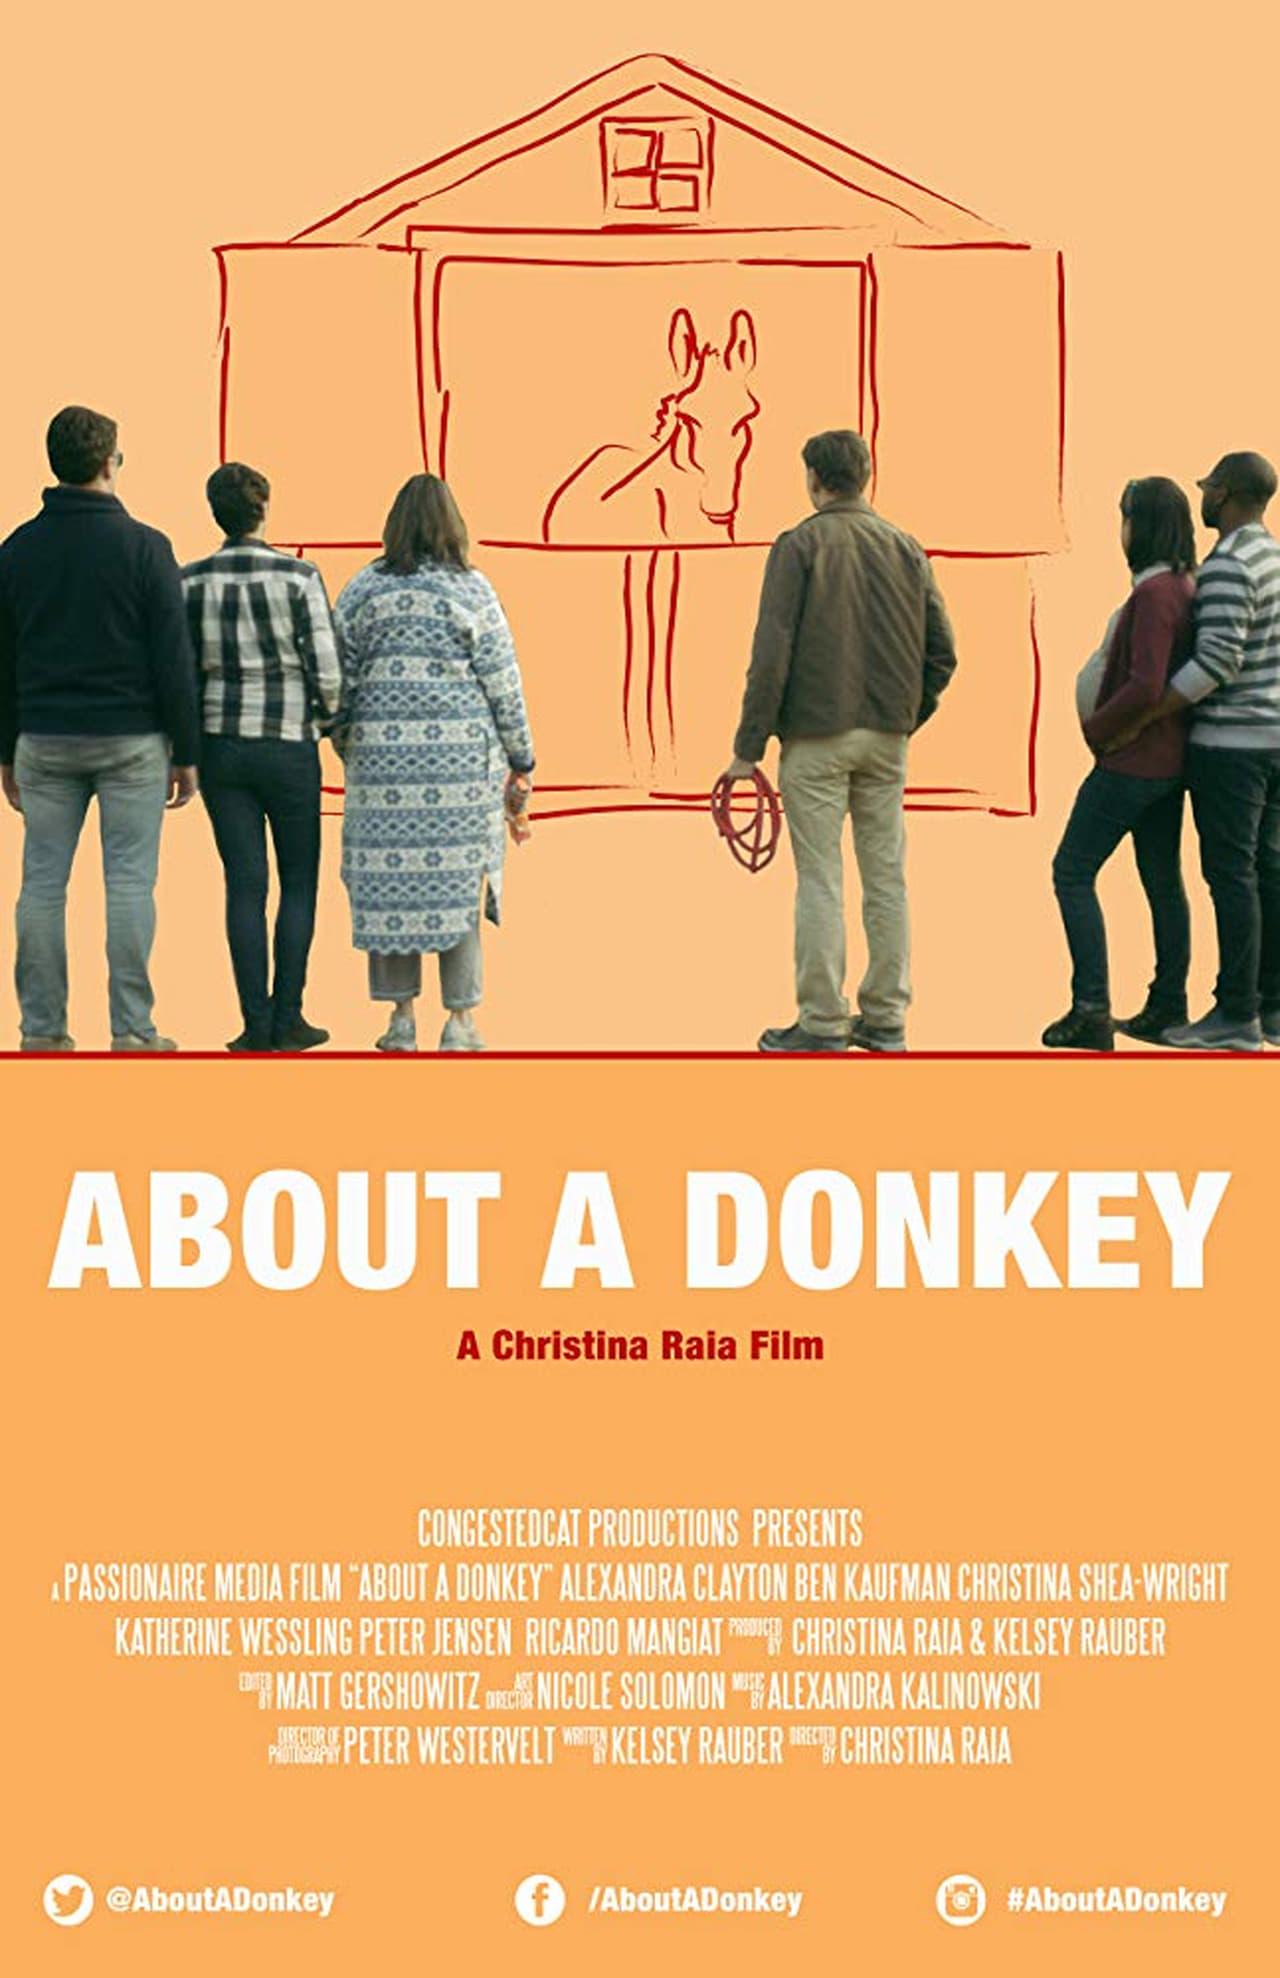 About a Donkey